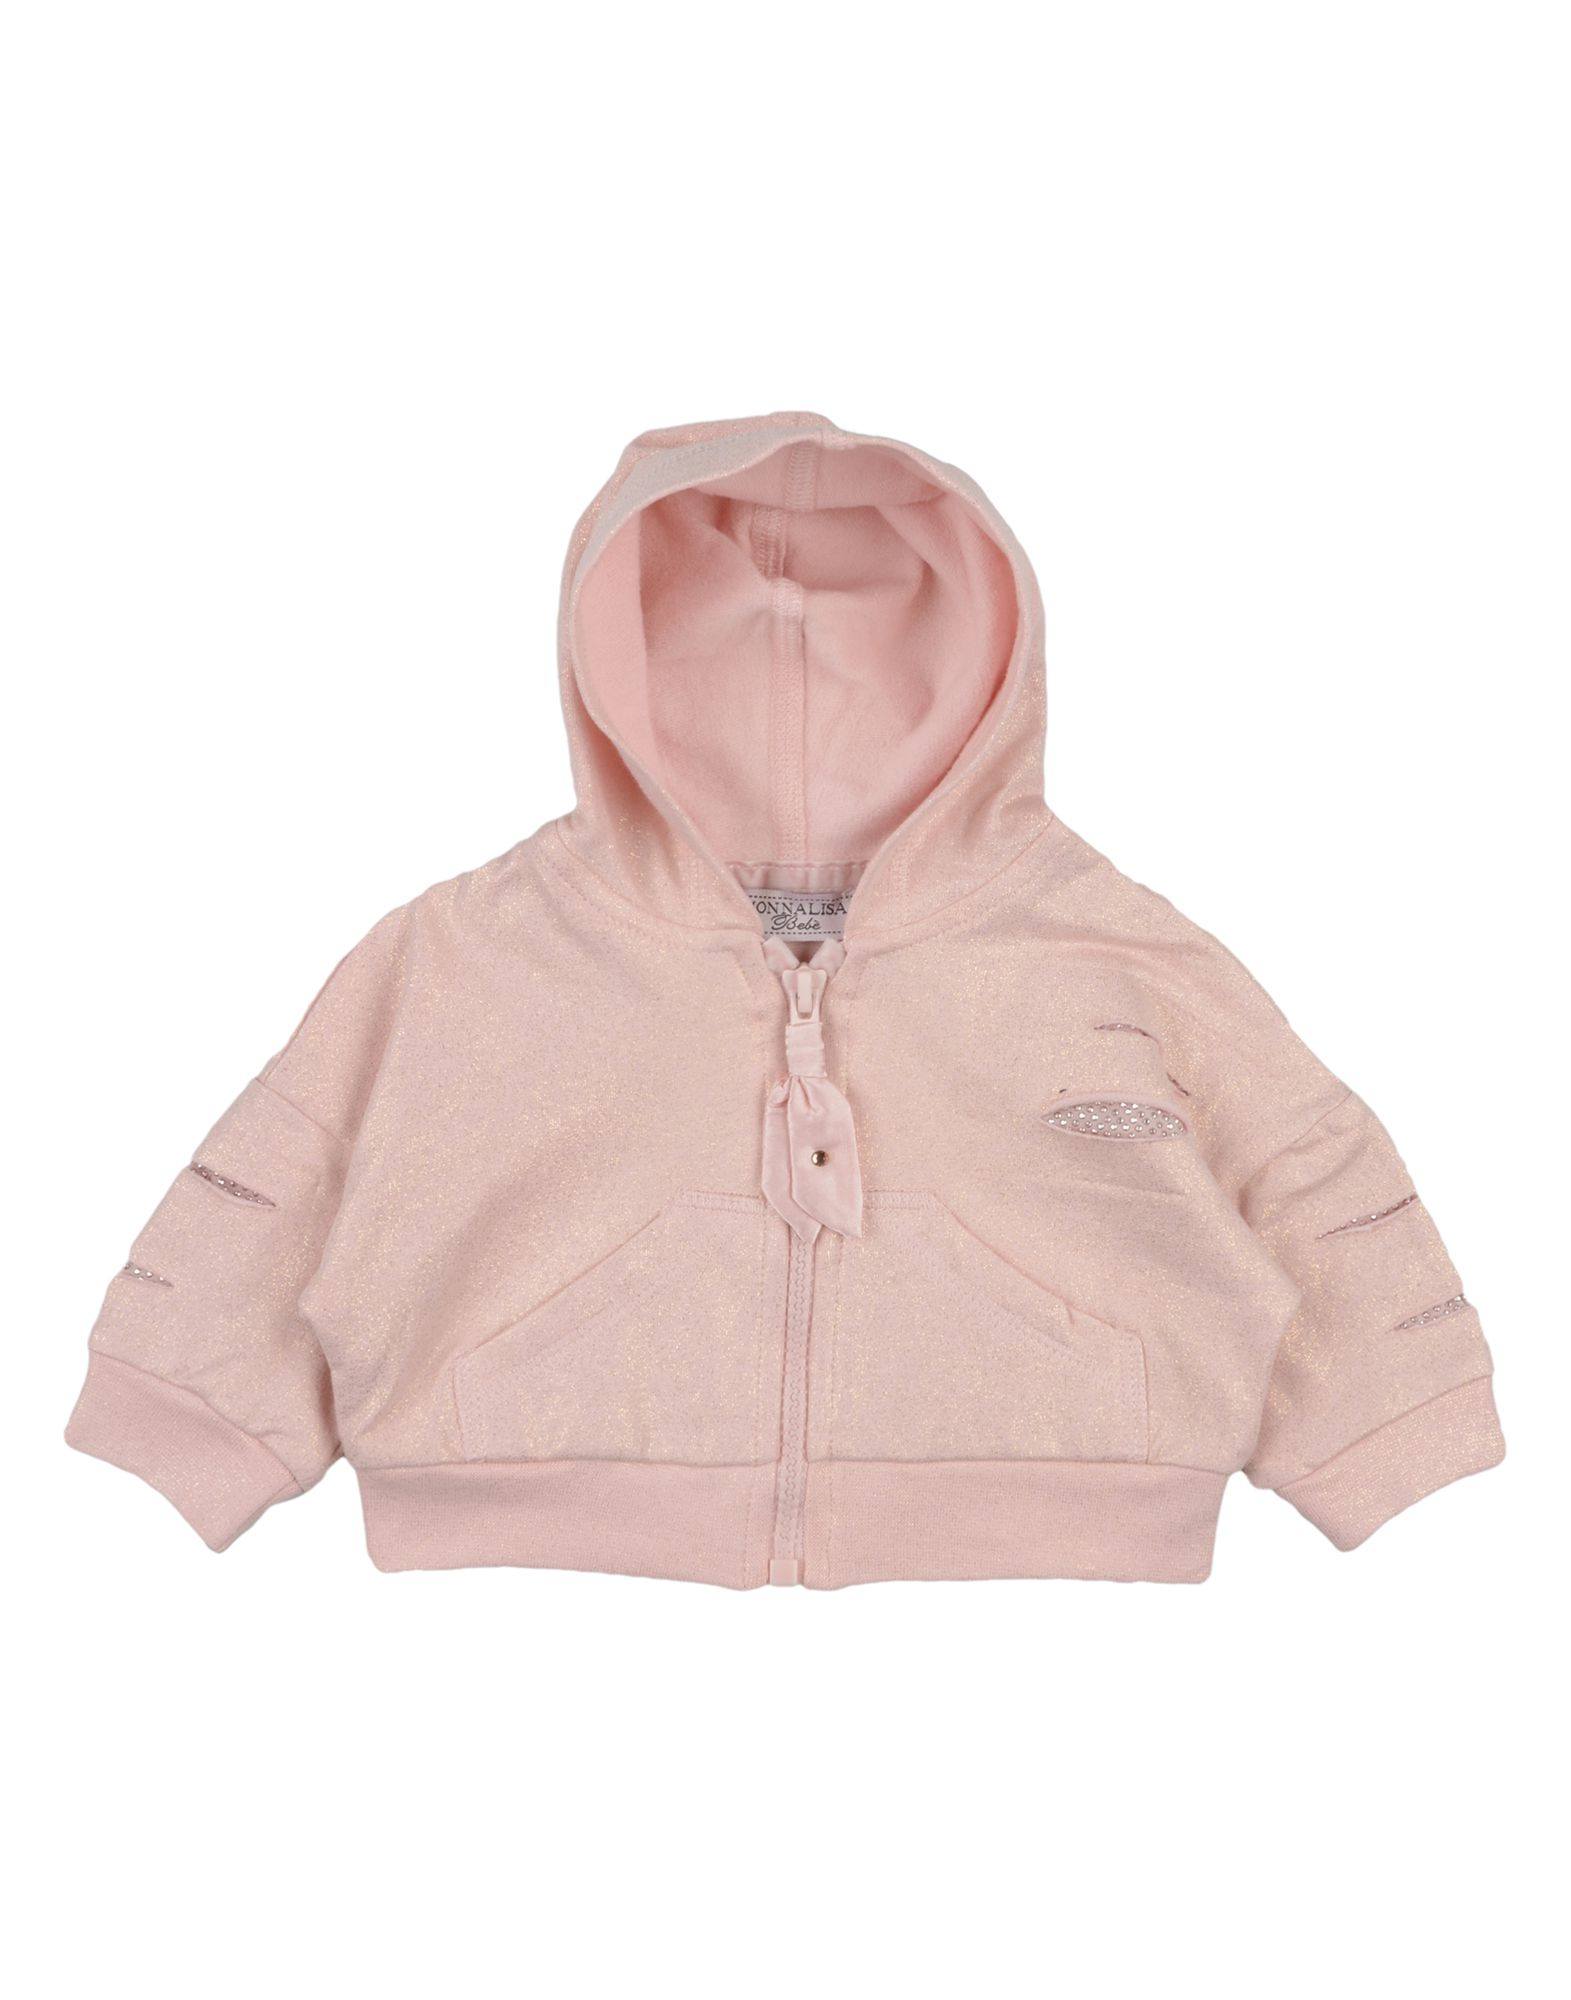 prestazioni superiori comprare bene pacchetto alla moda e attraente MONNALISA BIMBA Sweatshirt - Jumpers and Sweatshirts   YOOX.COM